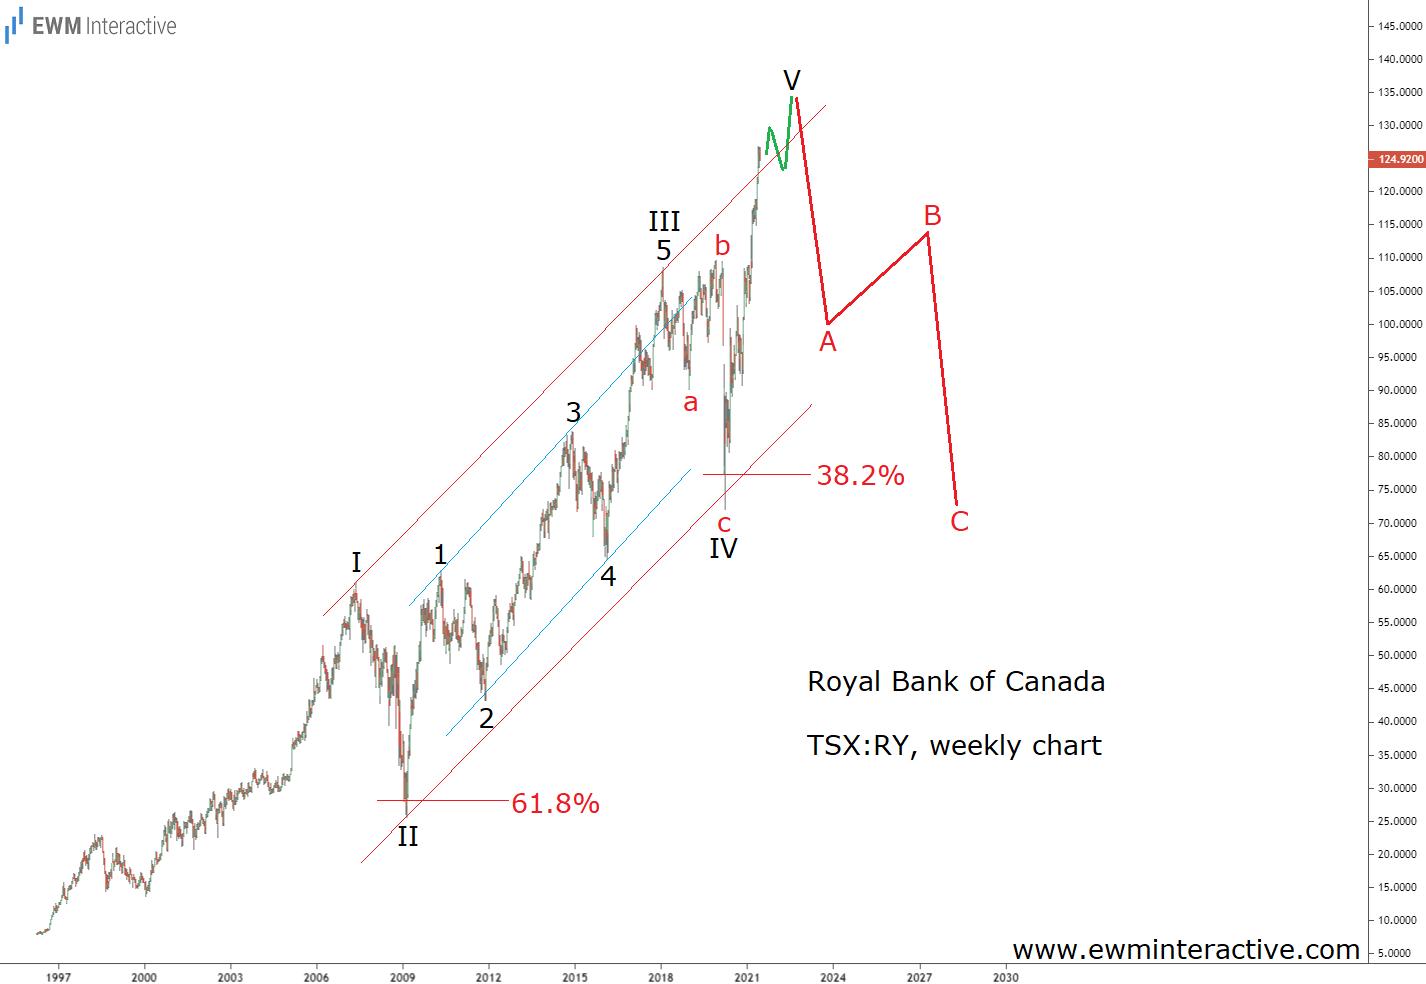 Royal Bank of Canada Weekly Chart